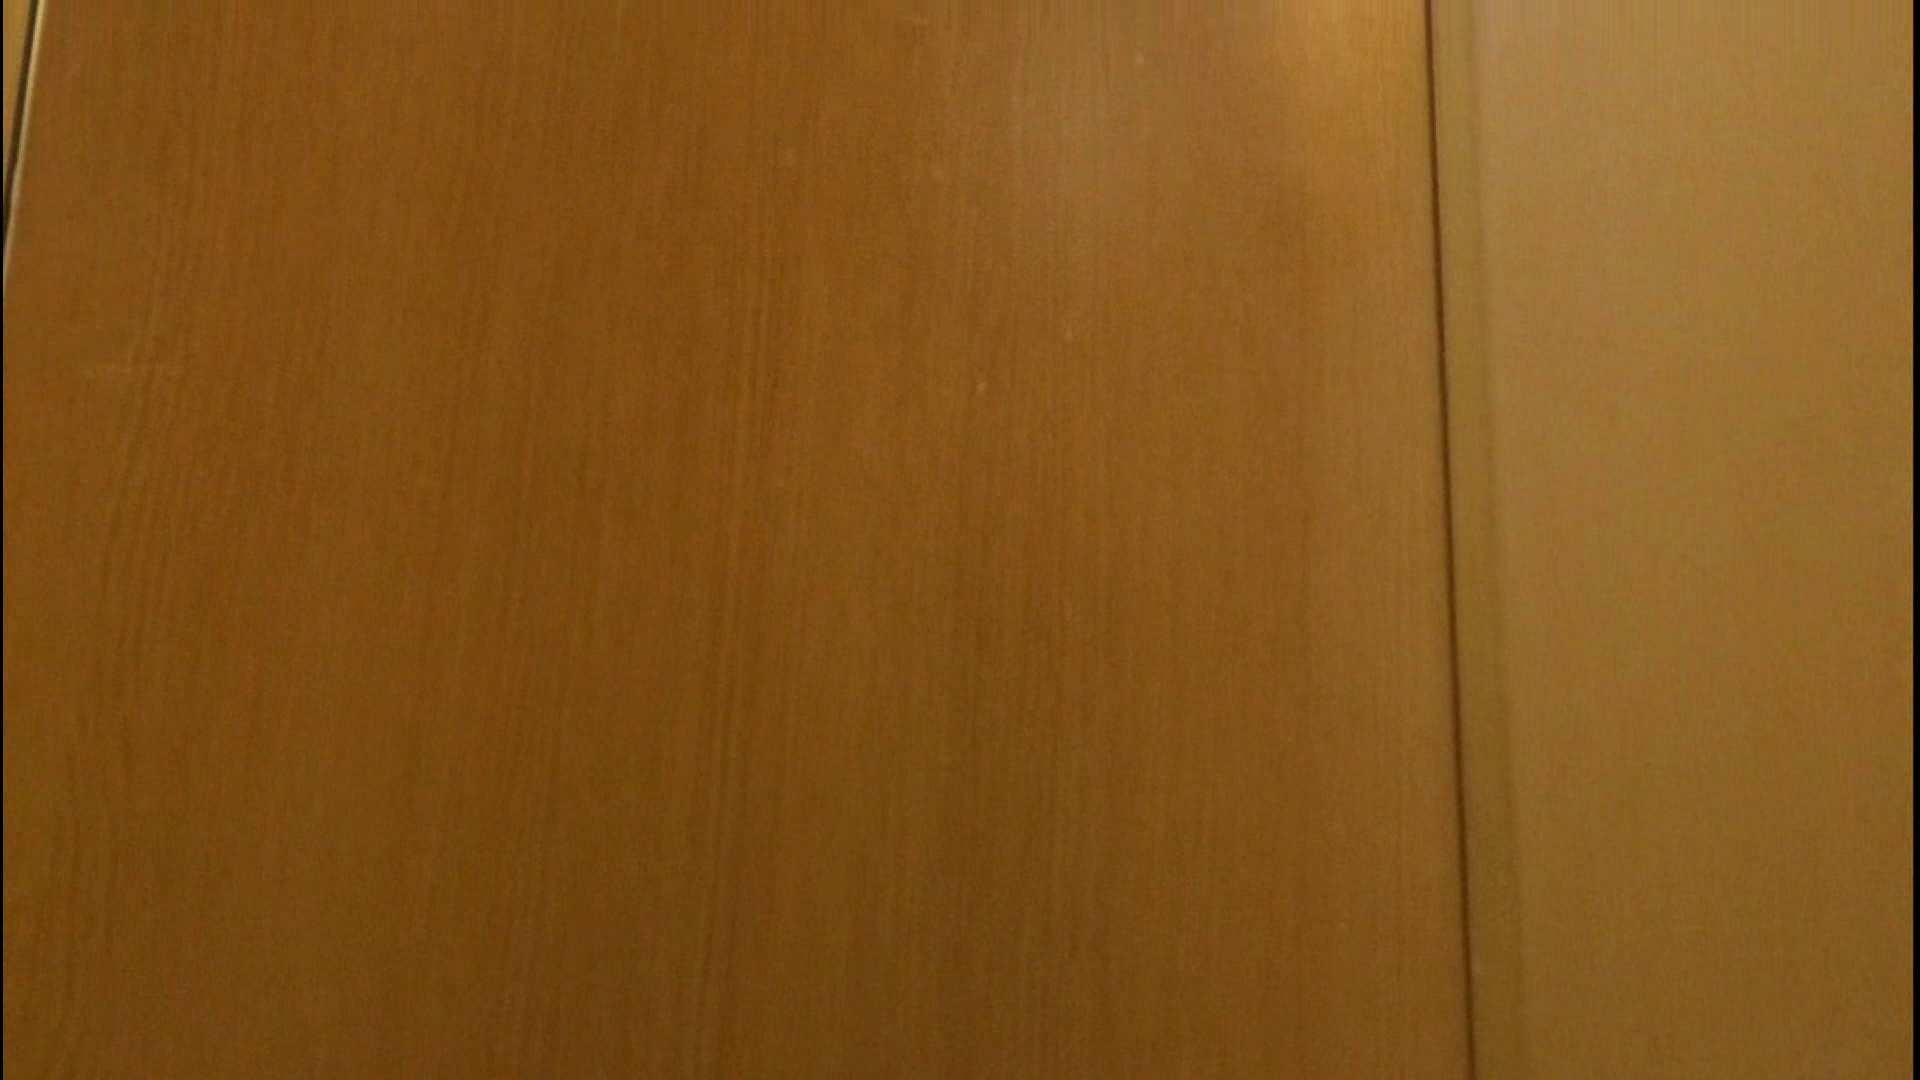 「噂」の国の厠観察日記2 Vol.13 厠隠し撮り われめAV動画紹介 102pic 14